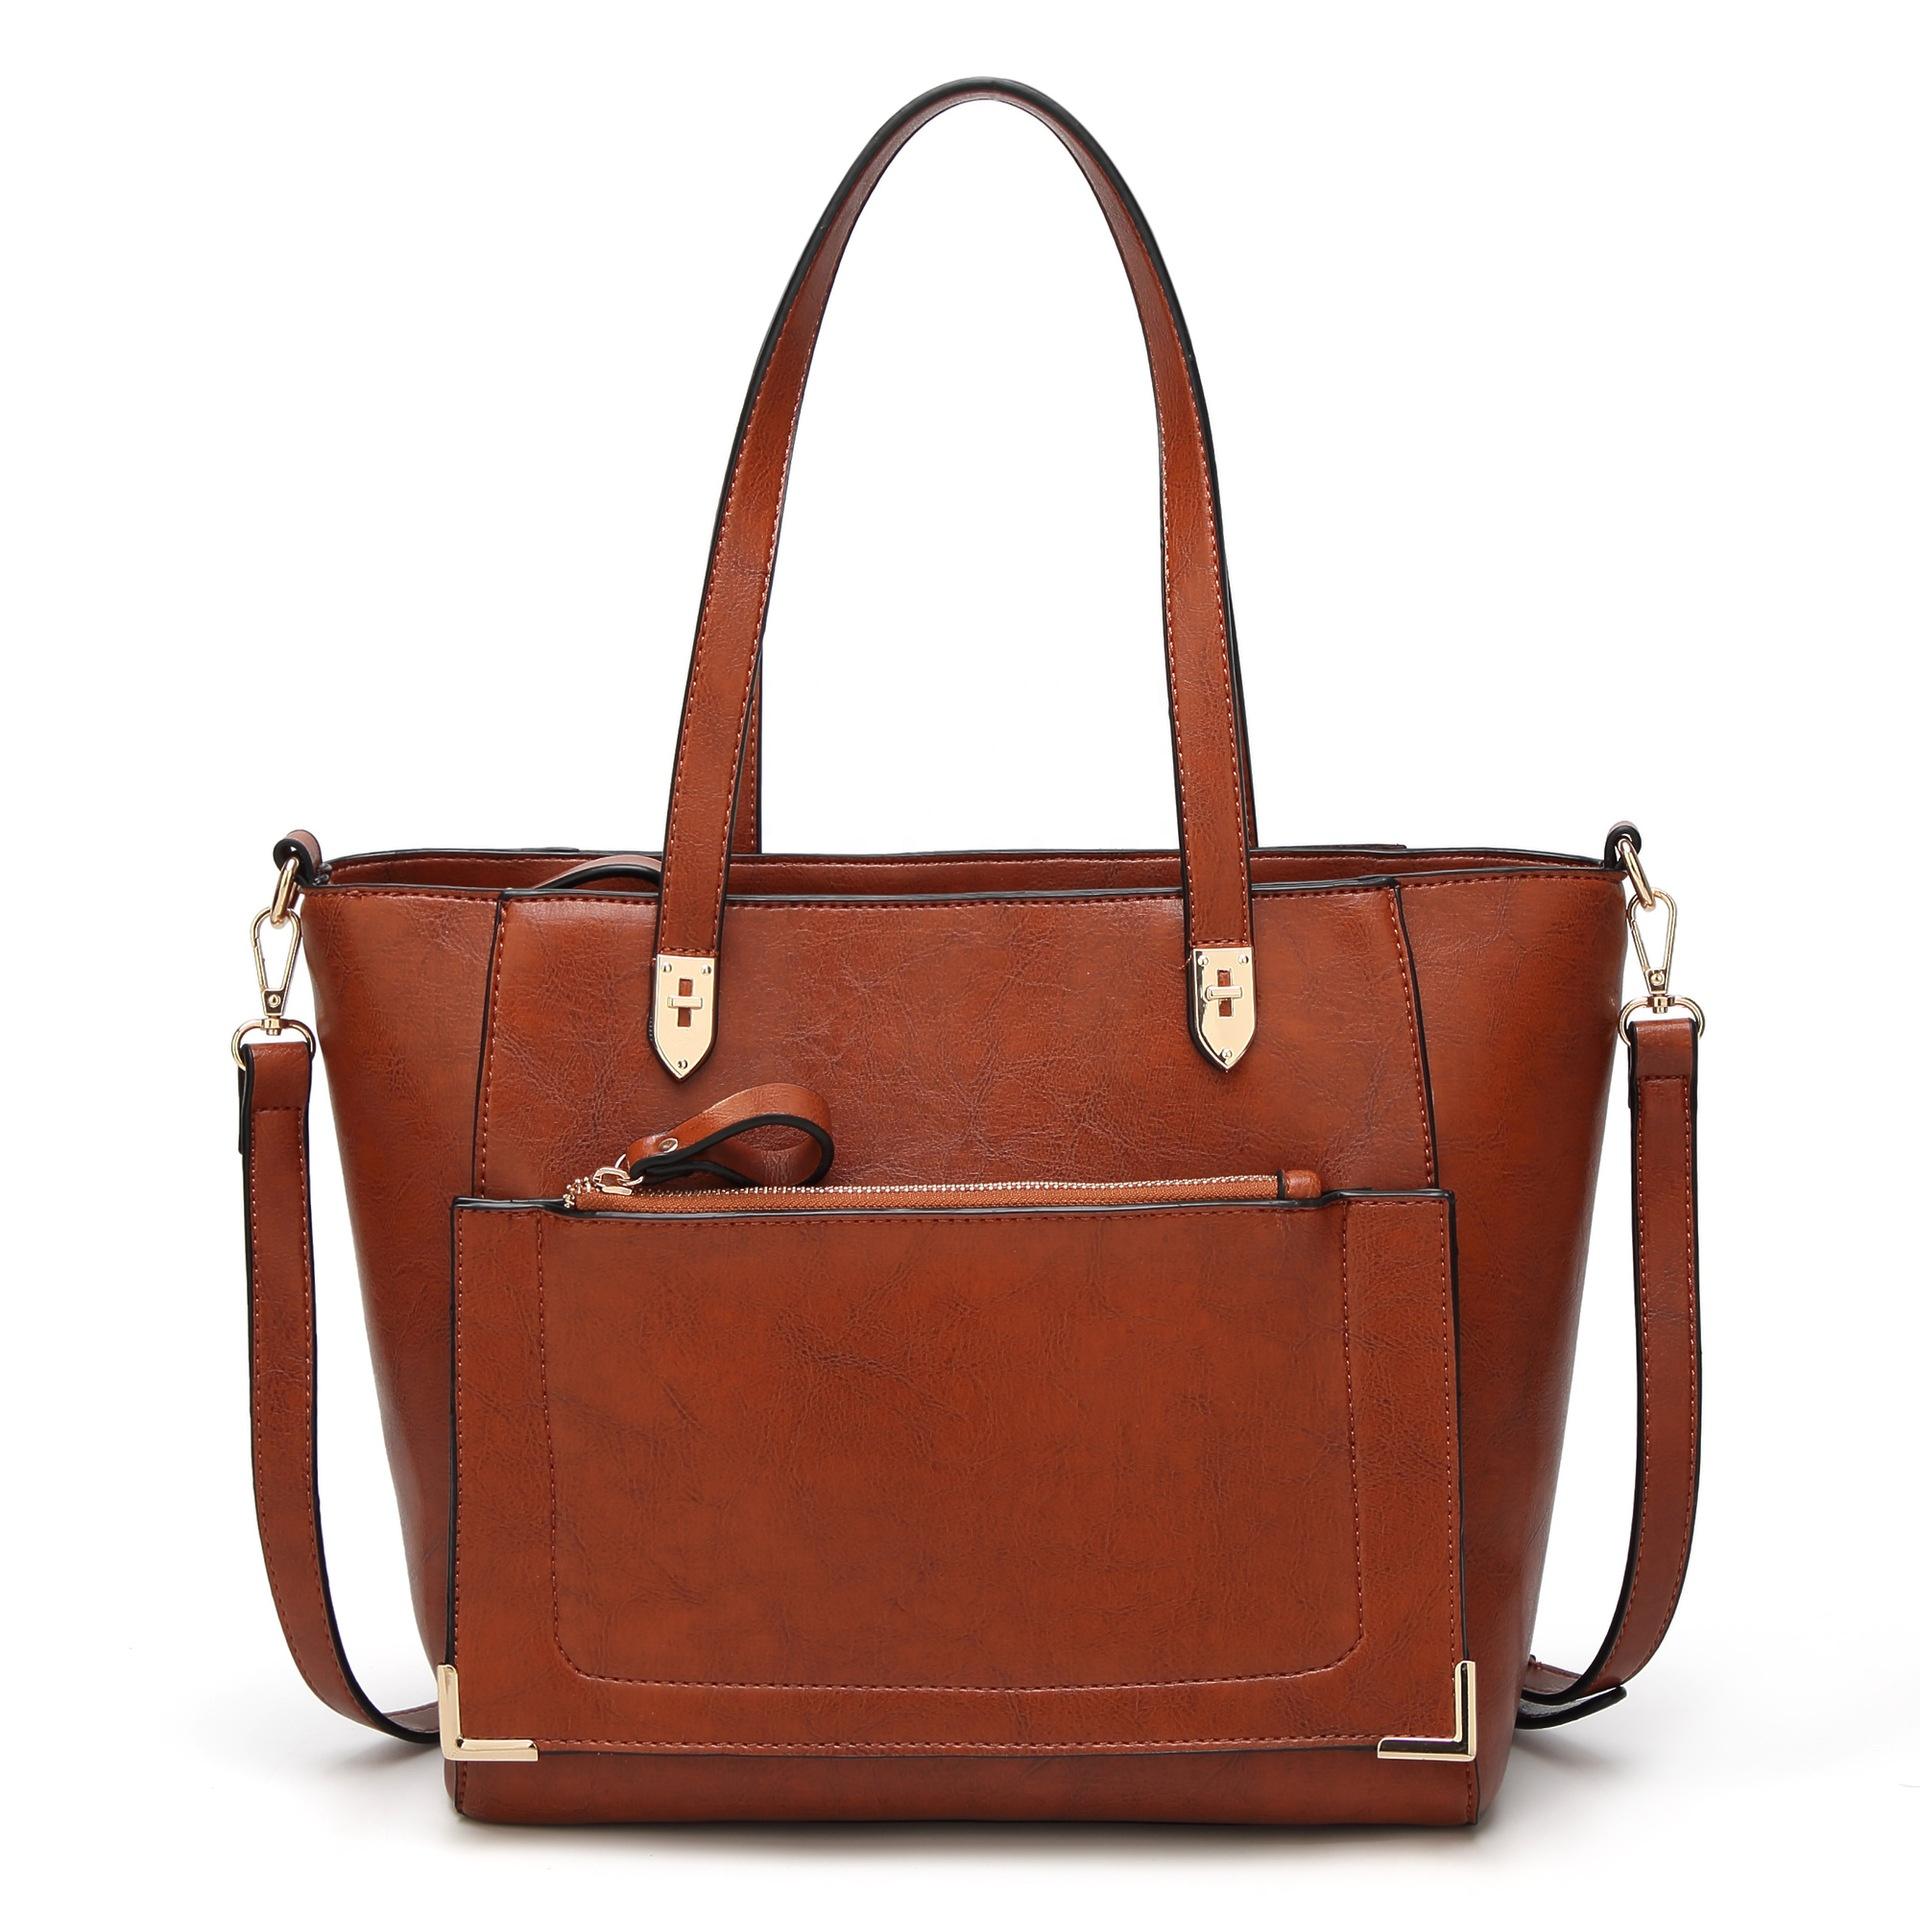 a9868b5654f6 Оптовая продажа дешевые модные Дубай сумки на плечо последние дизайн  девушка кожаная сумка для женщин из